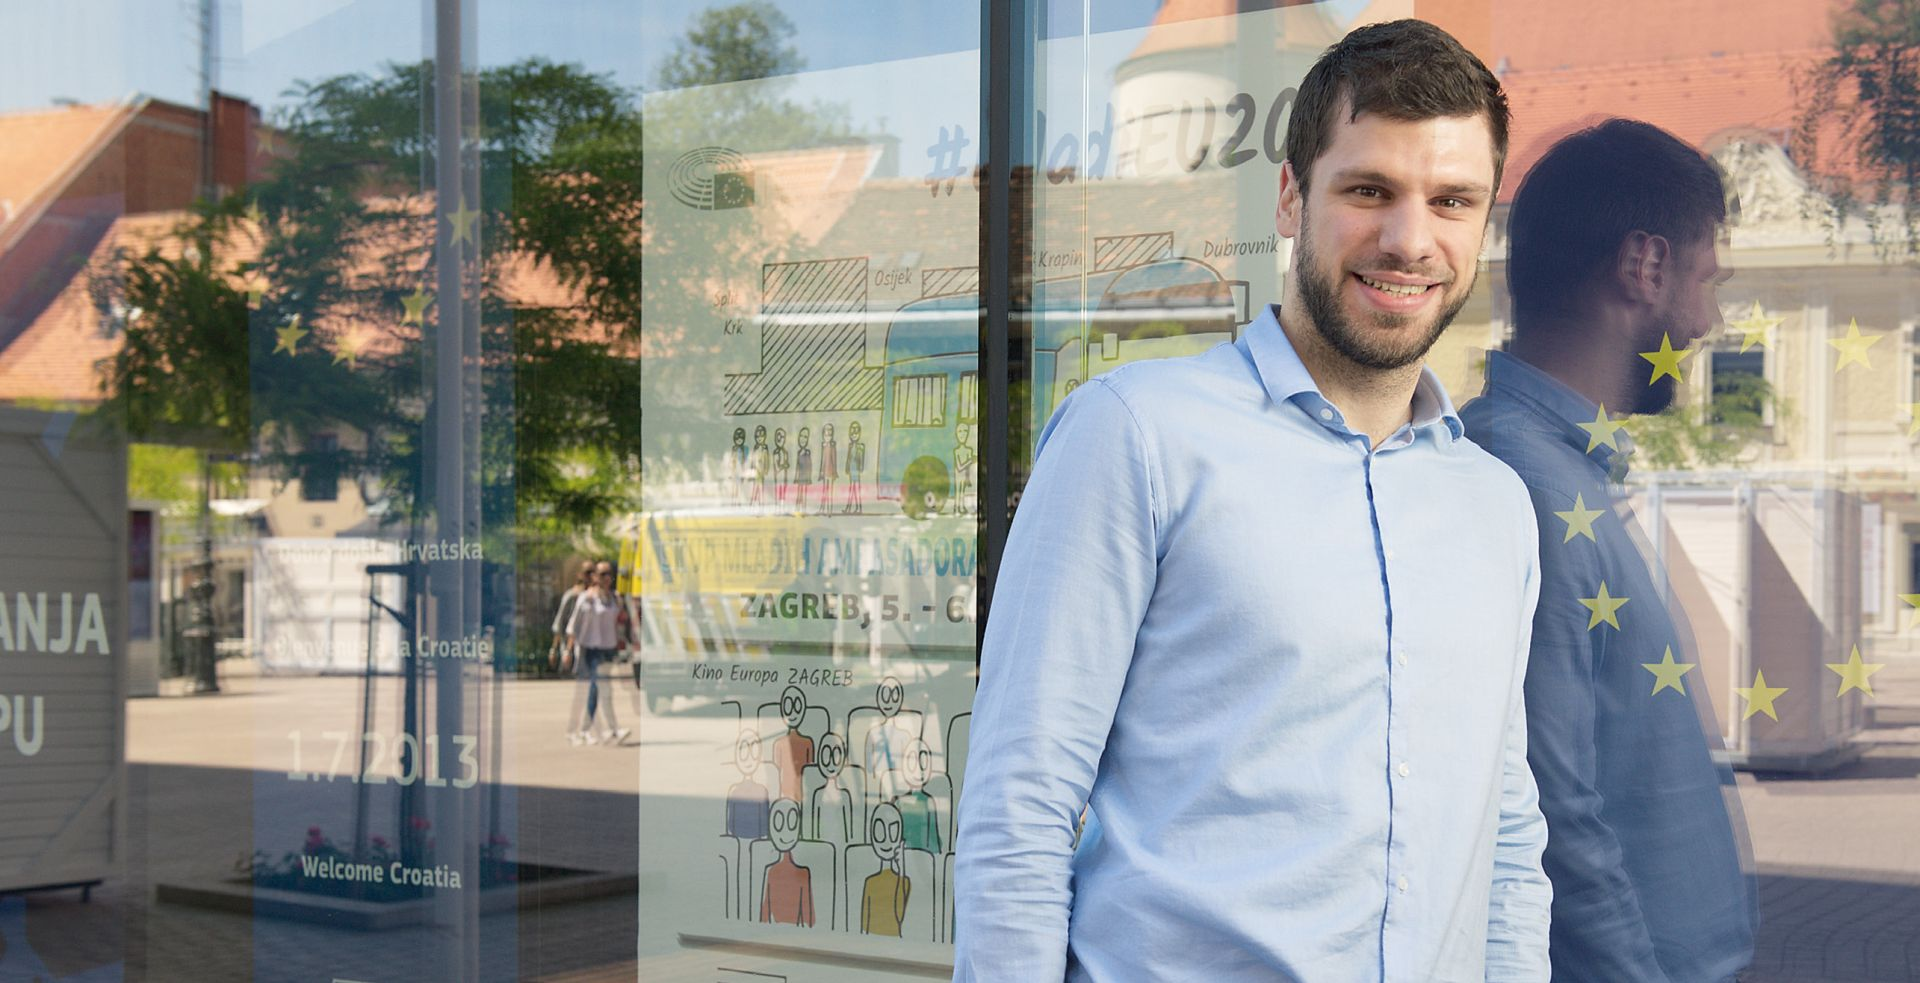 INTERVIEW: HRVOJE VARGIĆ 'Hrvatska dijaspora može postati bitna za demografsku obnovu'